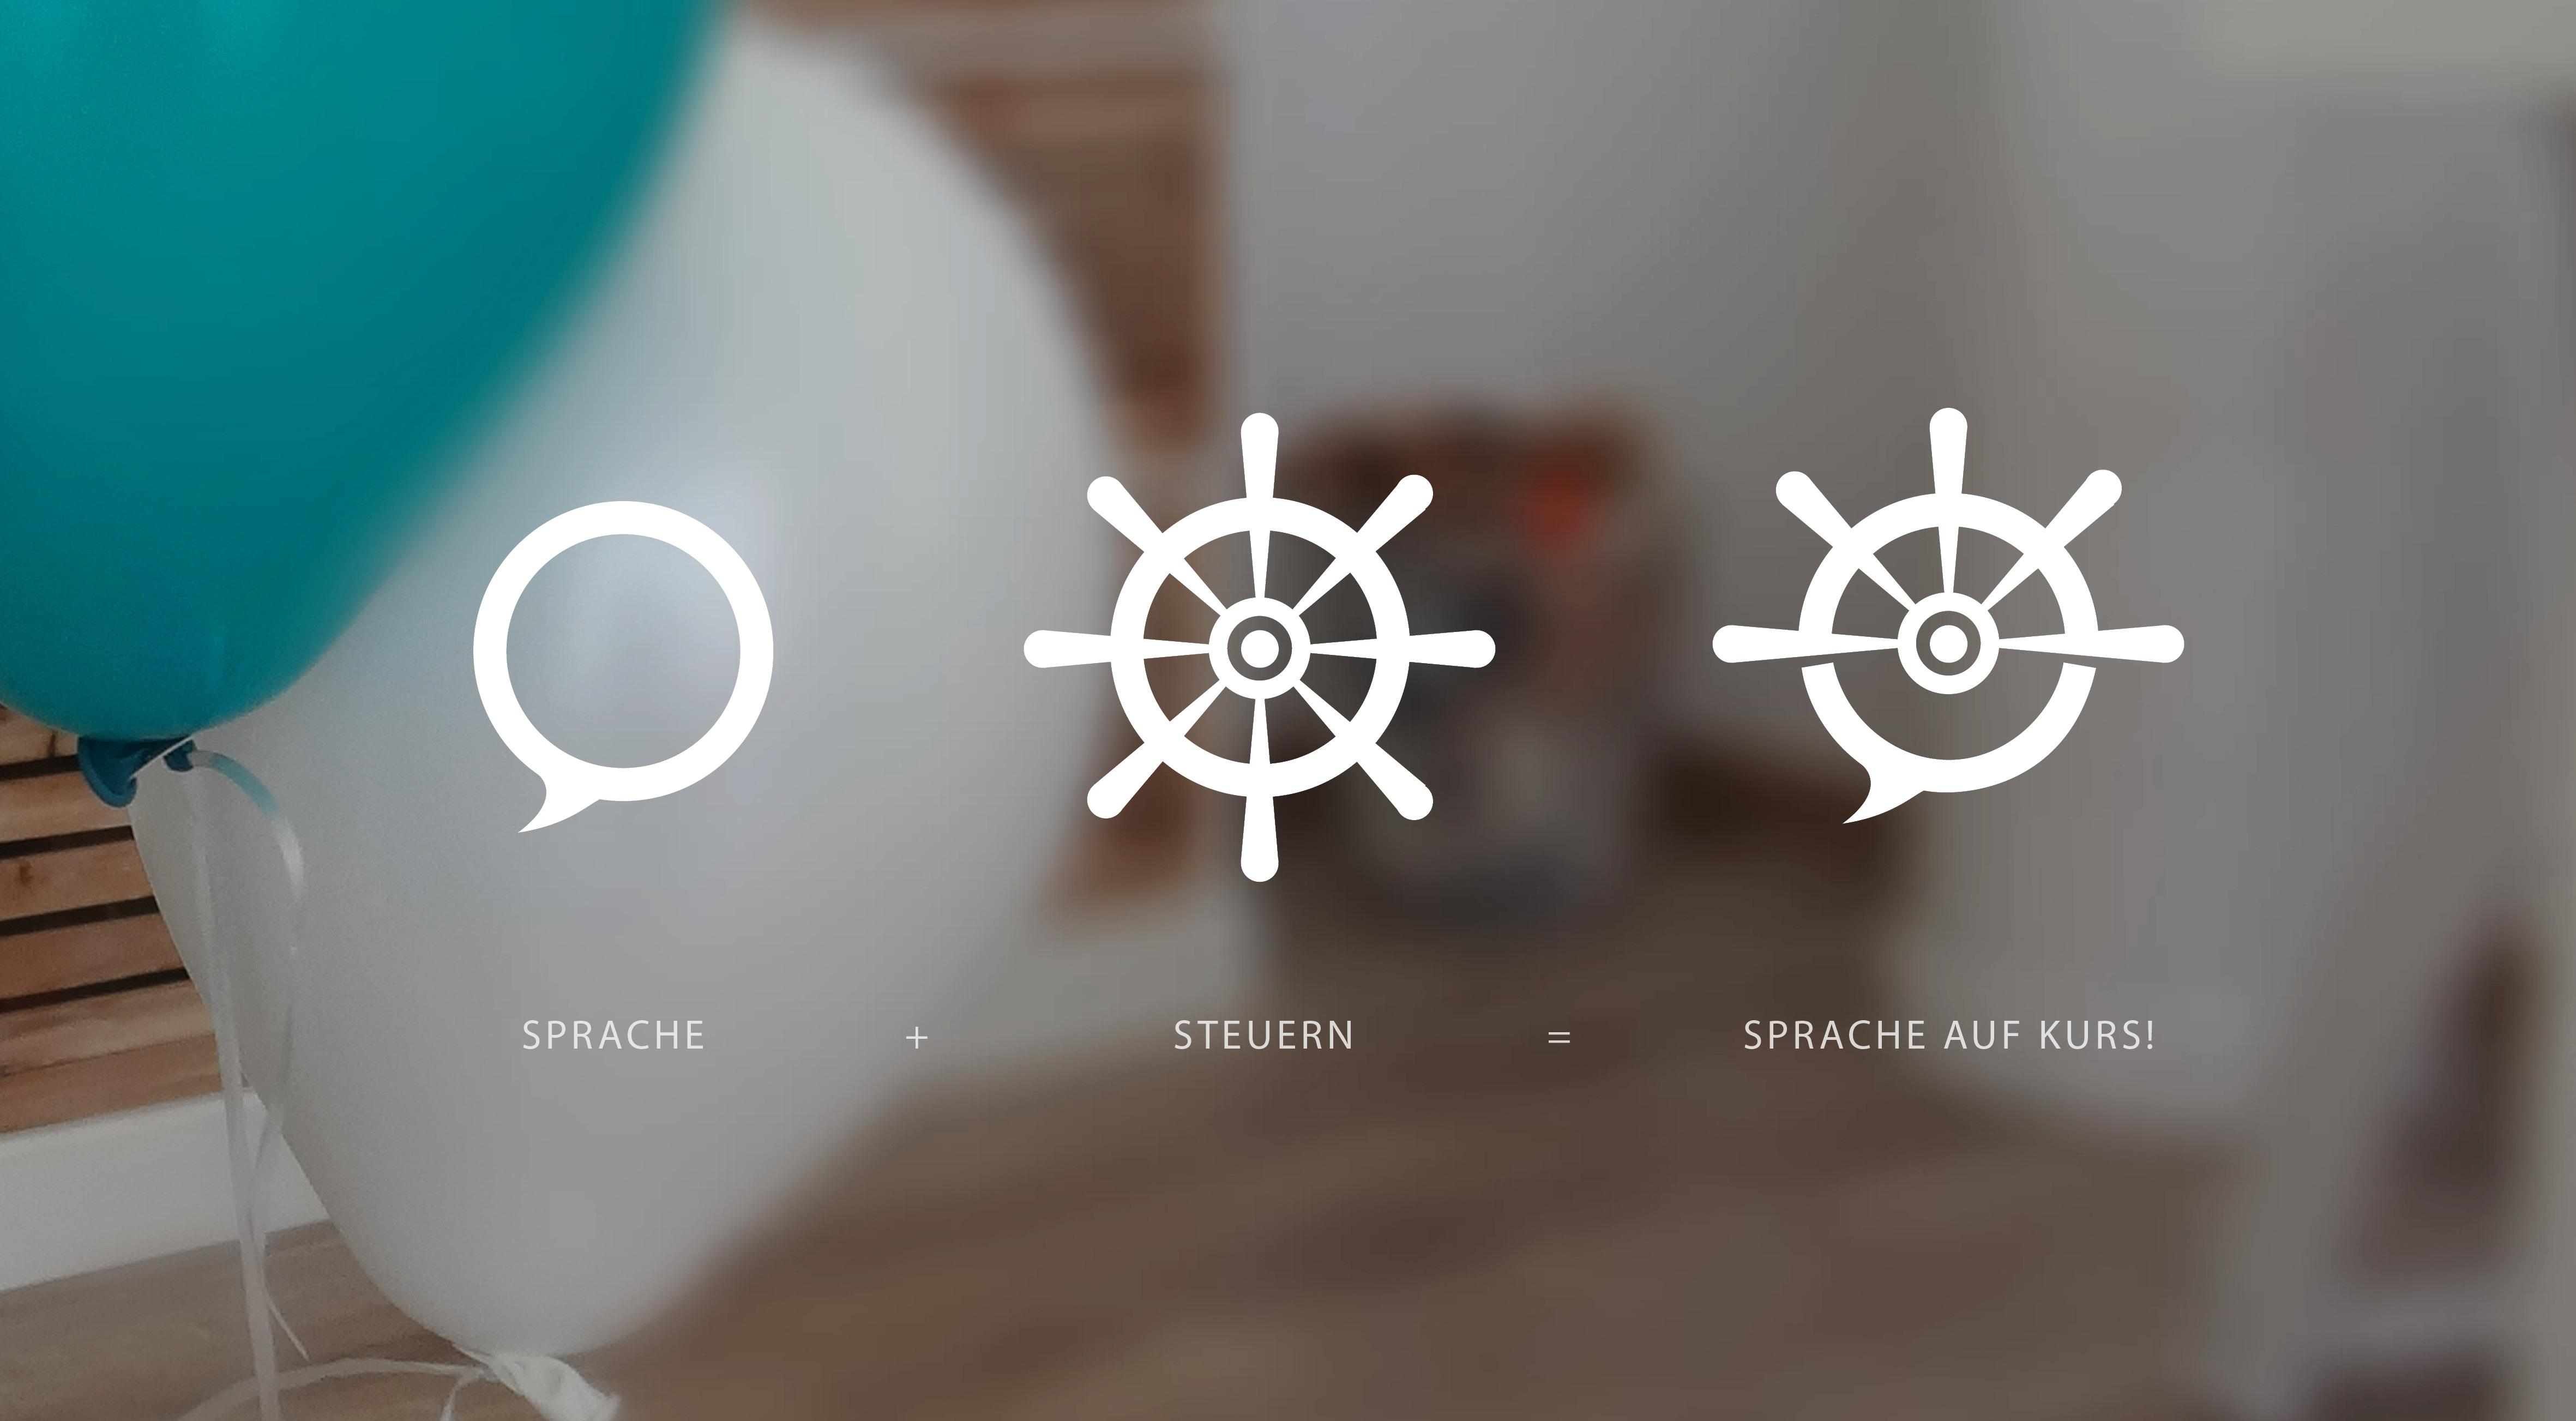 Corporate-Design-Logo-Reihe-Lautilus-WERTBLICK